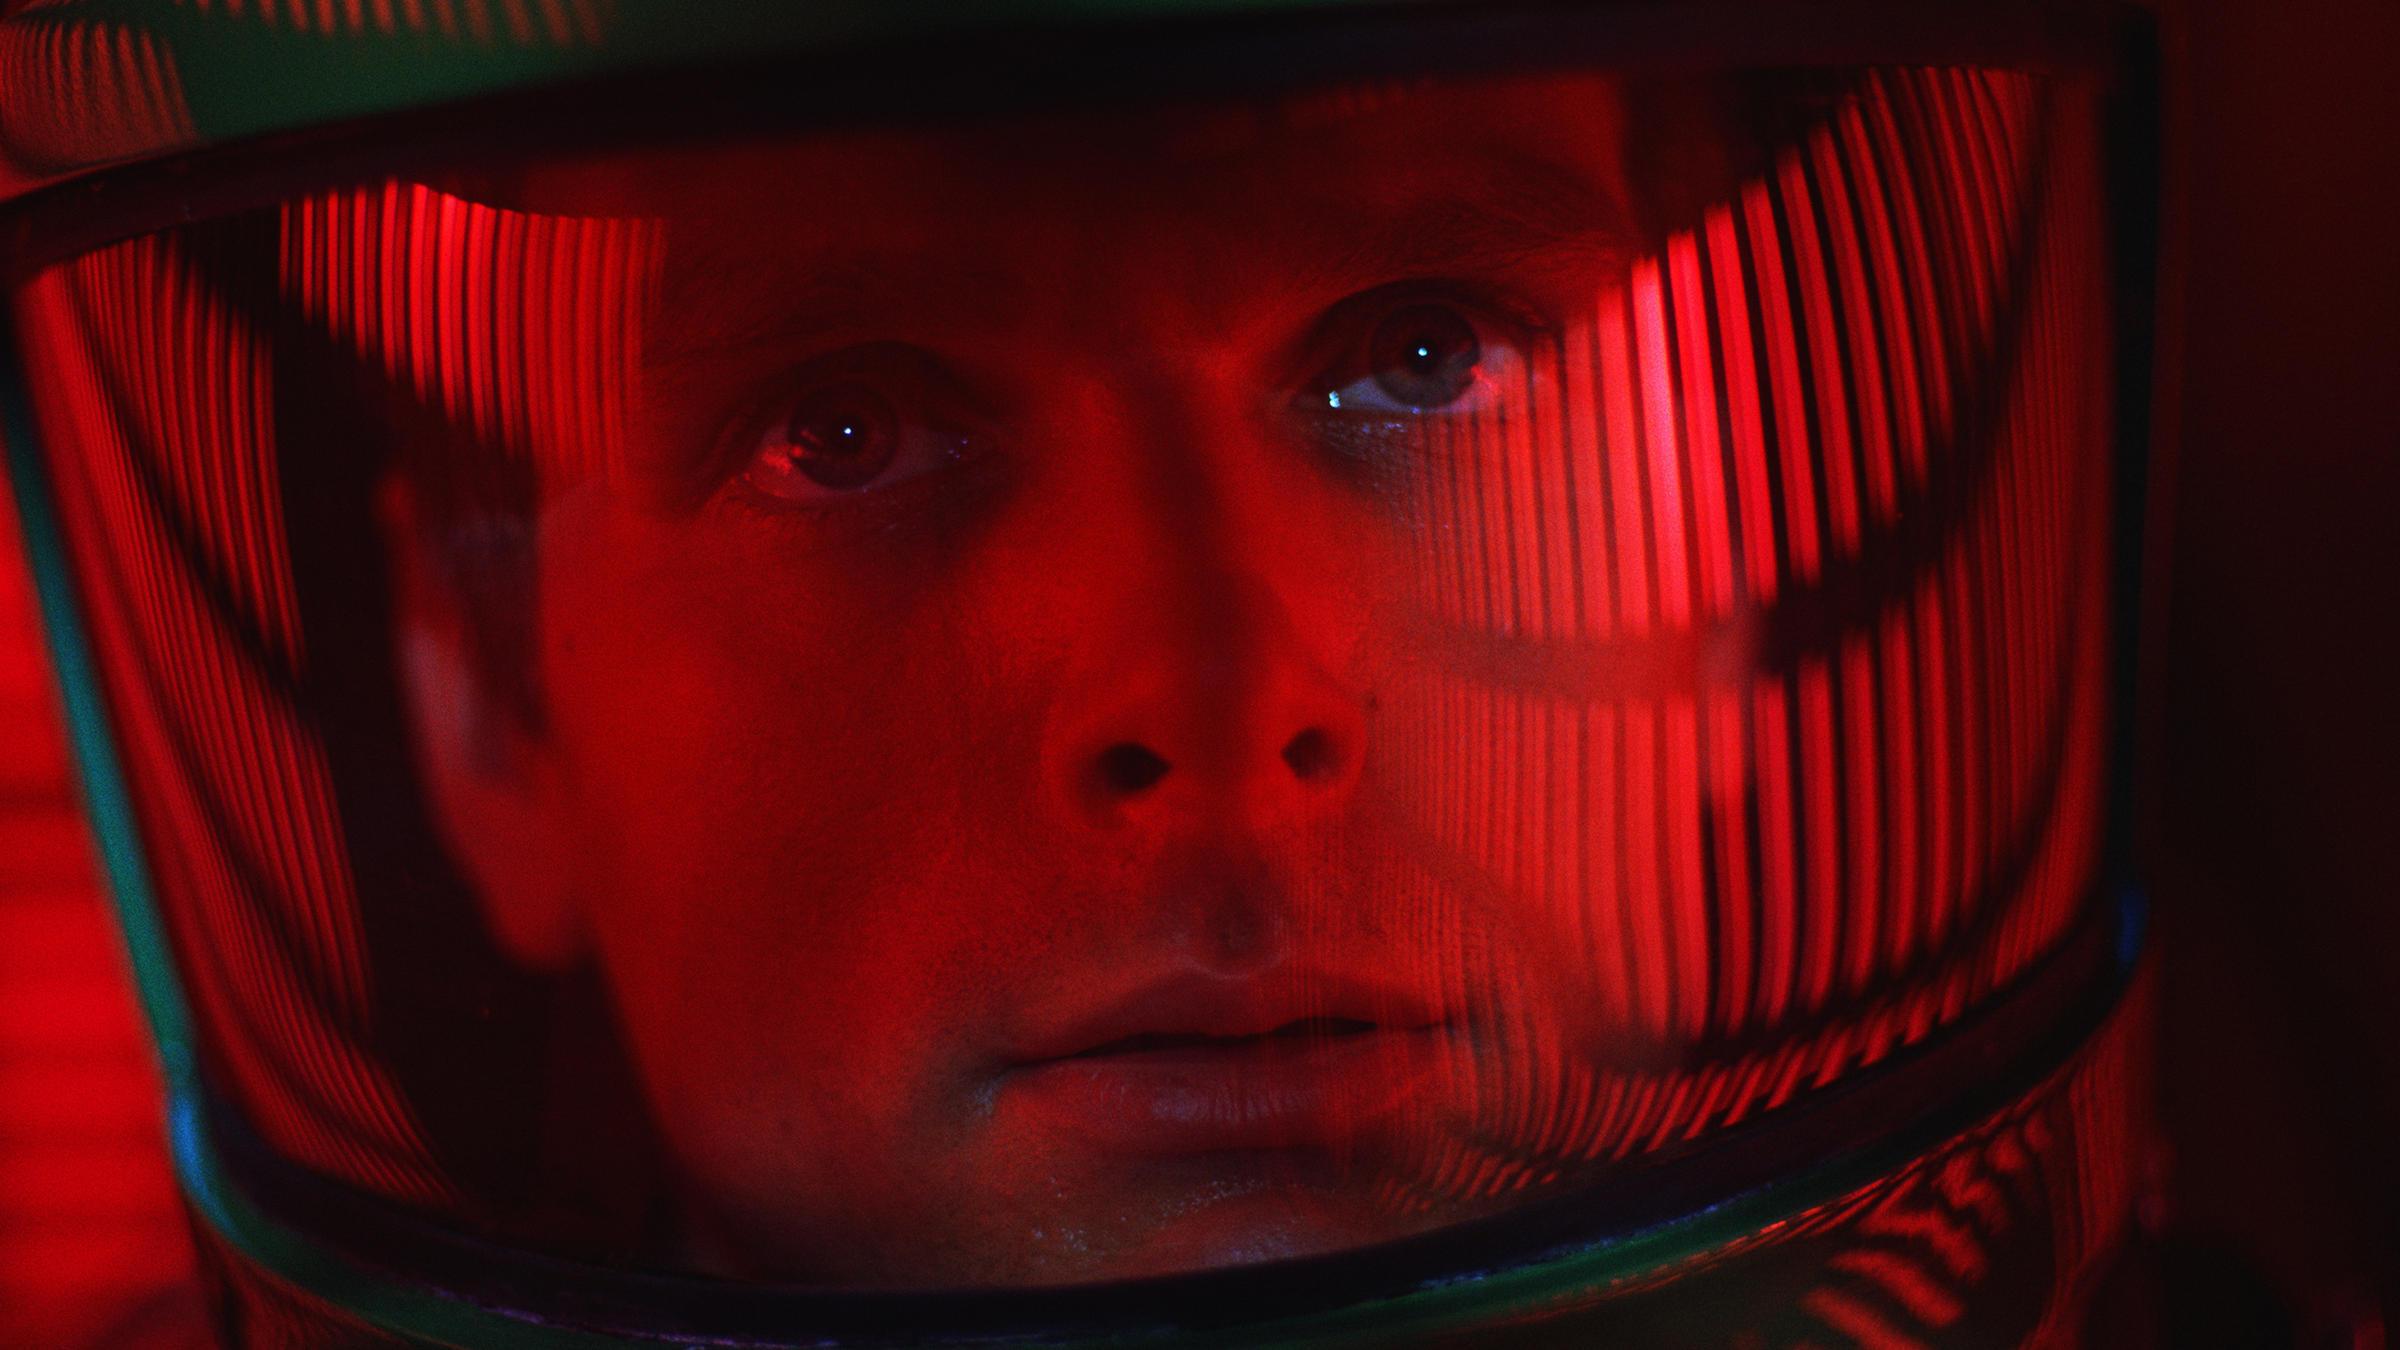 2001: A Space Odyssey / 2001: una odisea del espacio